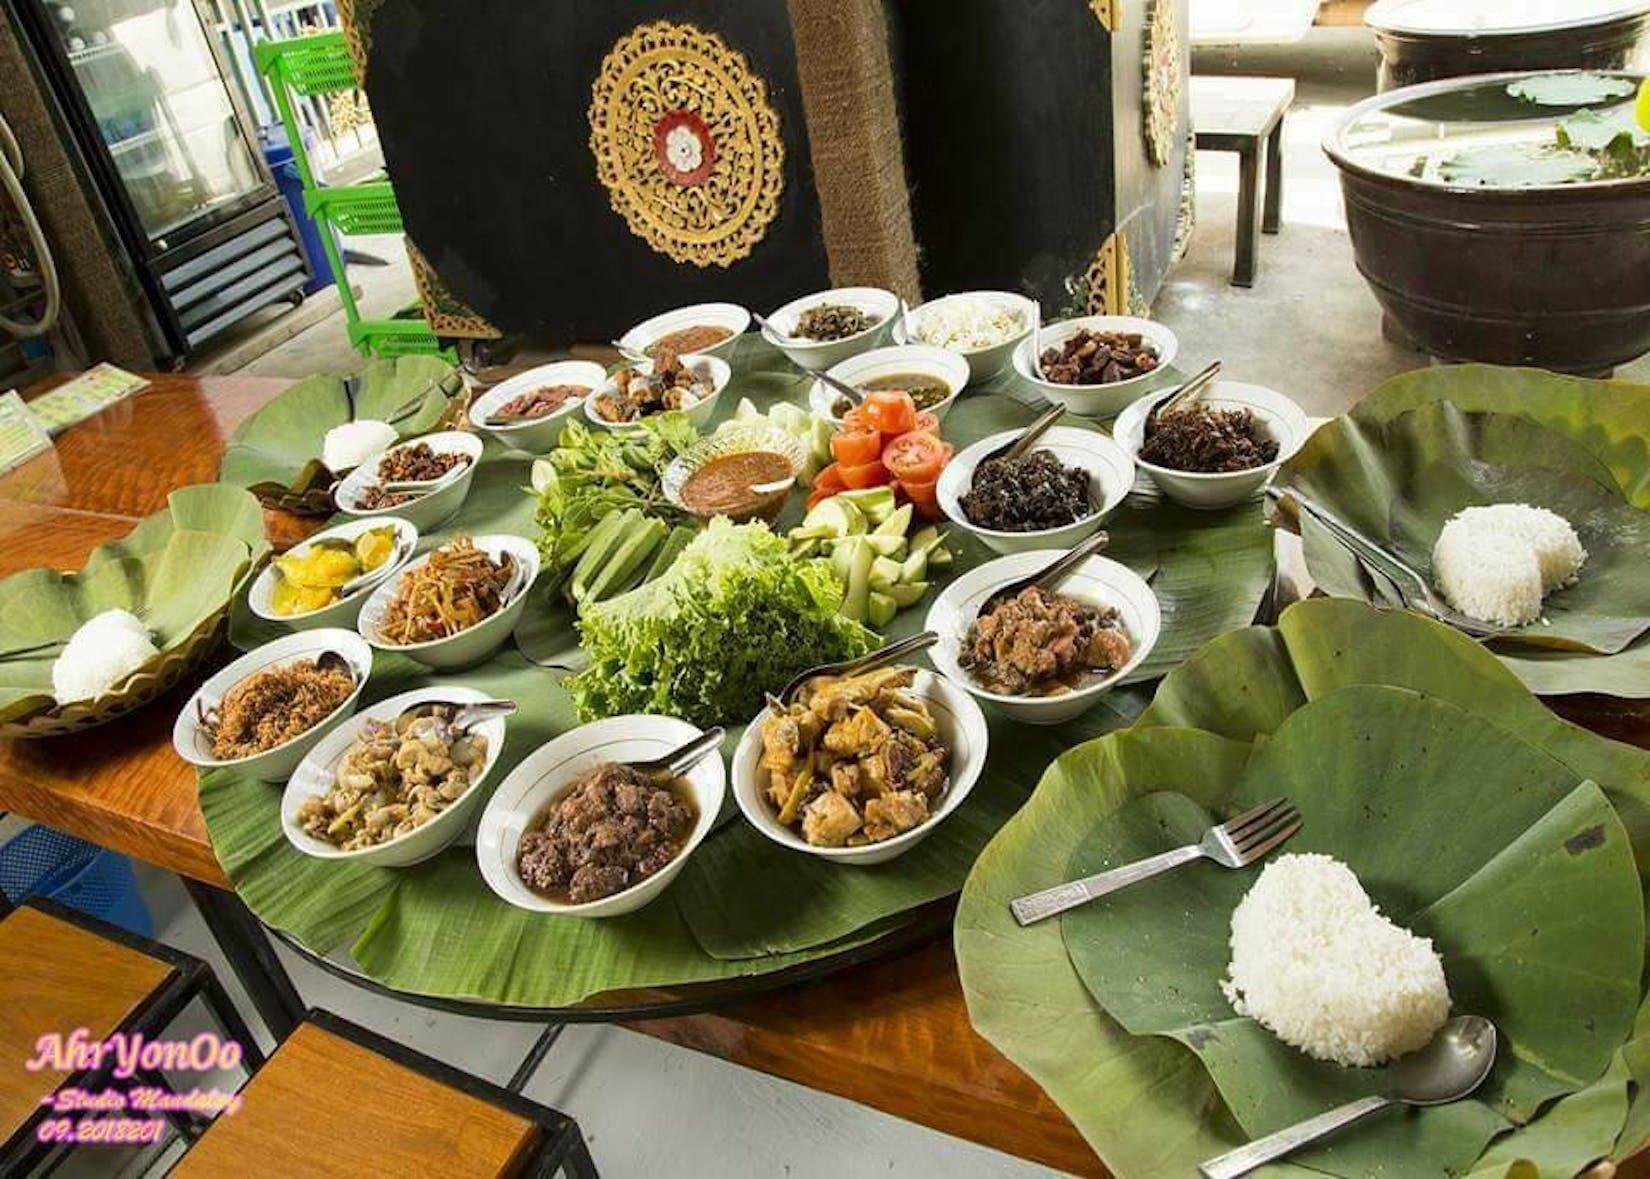 Shwe Mi - Kyar Phat Hta Min | yathar